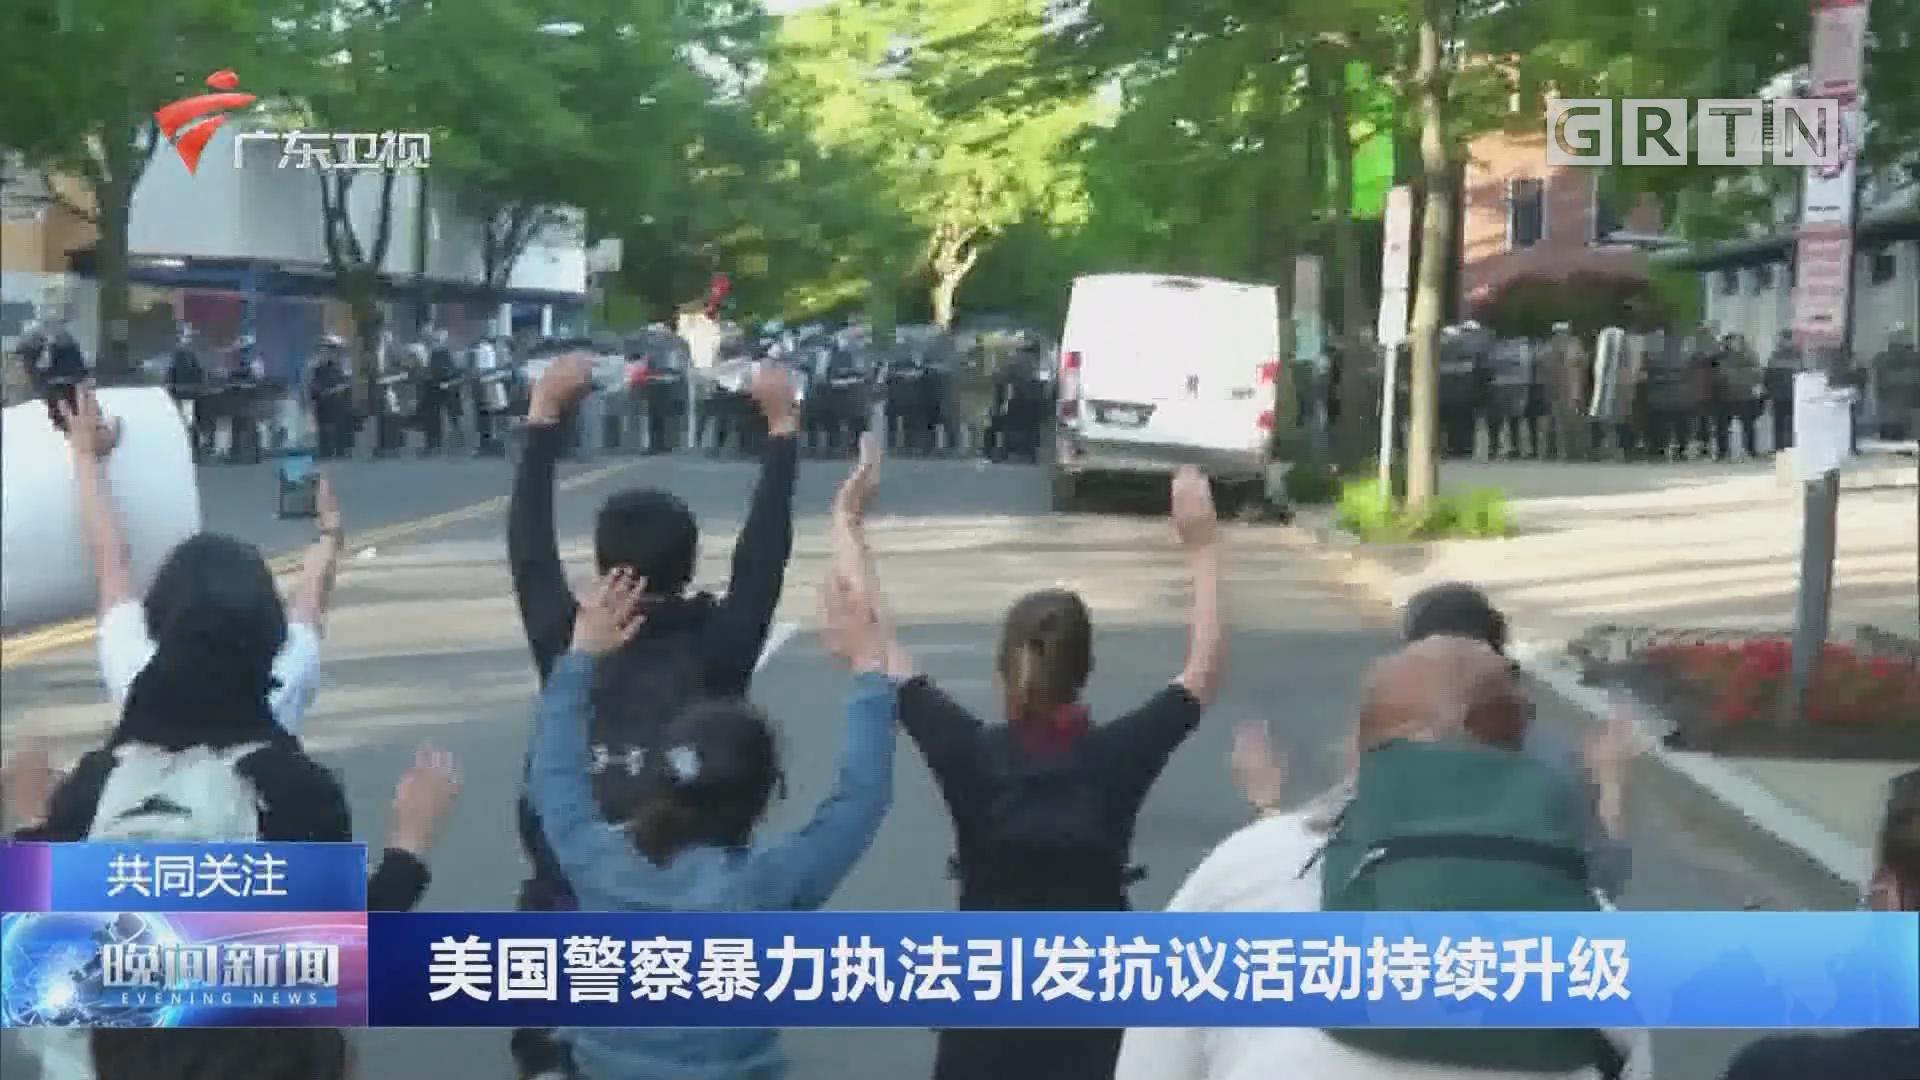 美国警察暴力执法引发抗议活动持续升级